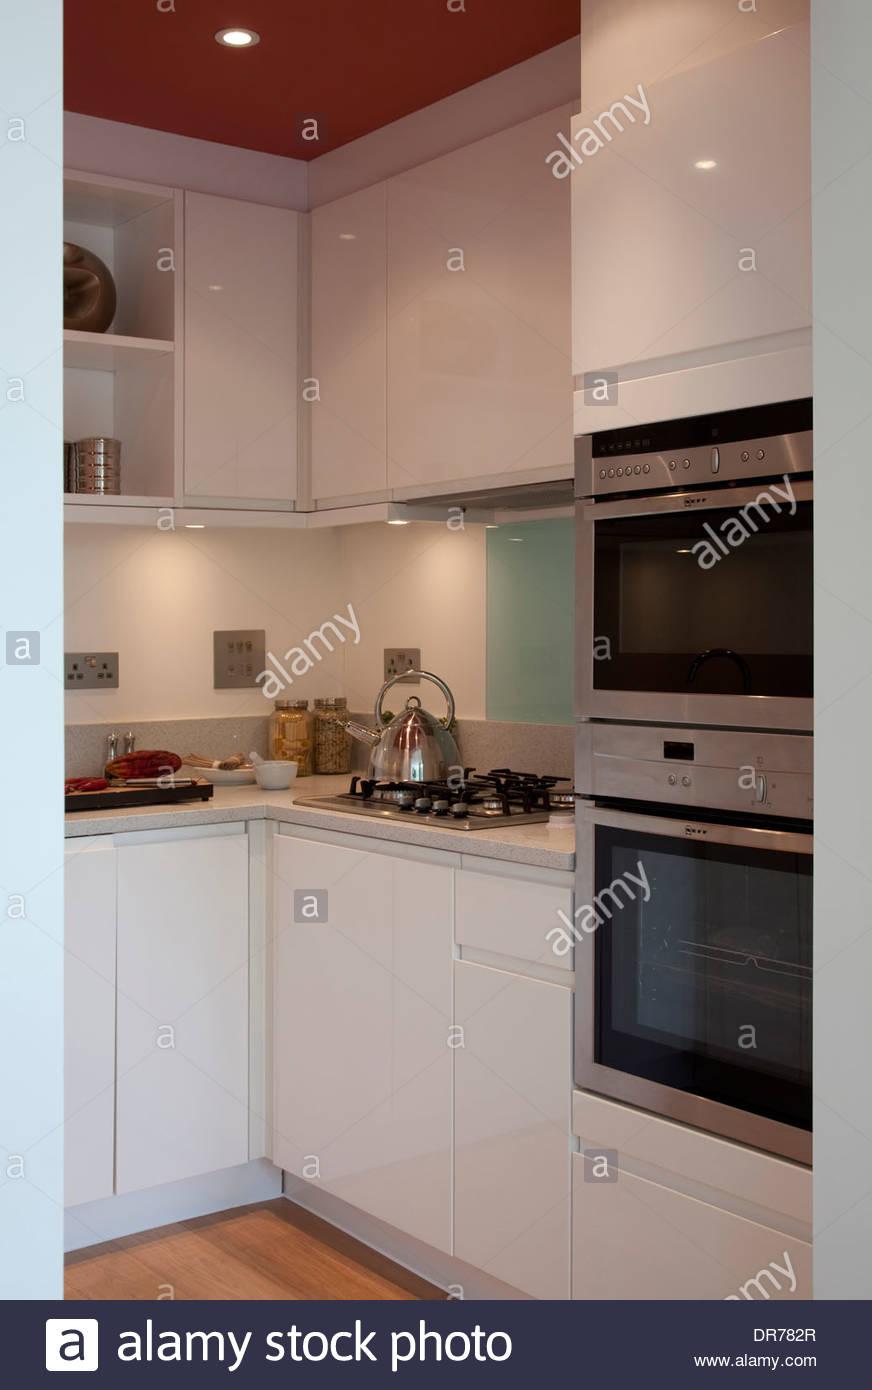 Full Size of Einbauküche Für Kleine Küchen Kleine Einbauküche Kosten Kleine Einbauküche Kaufen Kleine Wohnung Mit Einbauküche Küche Kleine Einbauküche